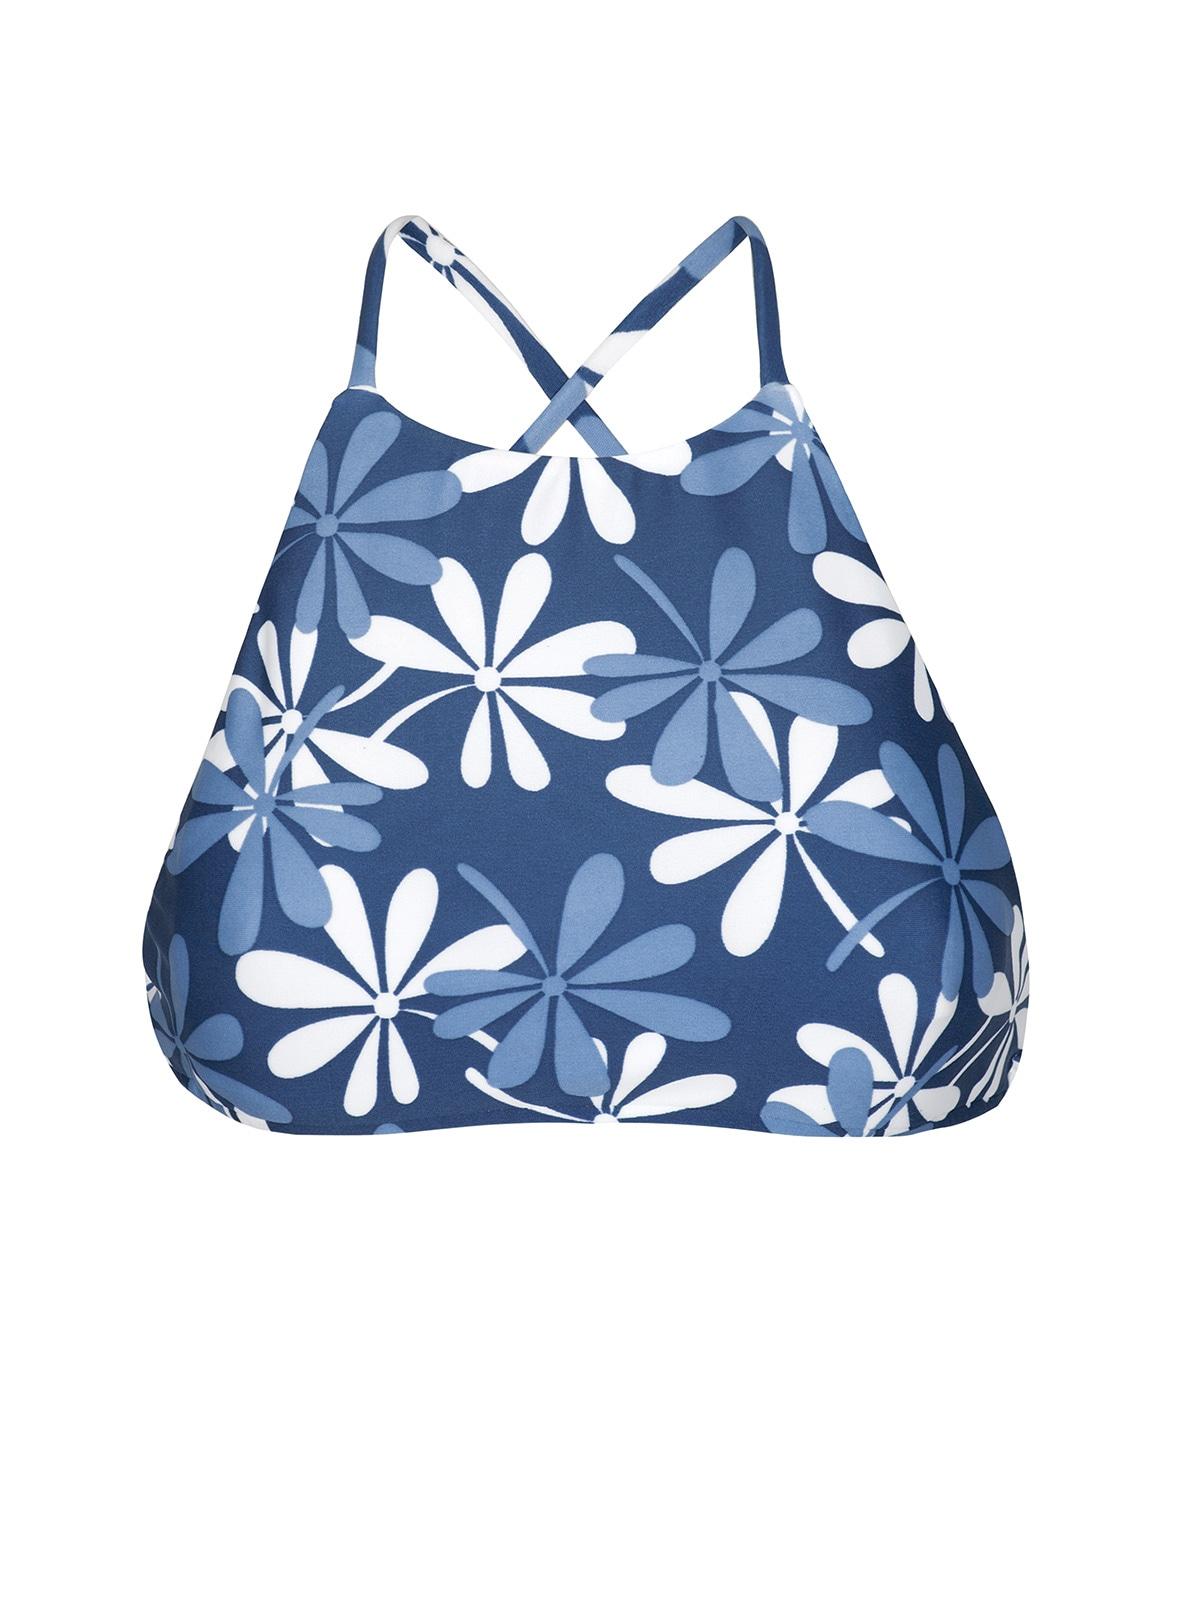 6f9fd837e Top Crop De Baño Azul Y Blanco Con Flores - Soutien Maresia Sporty ...